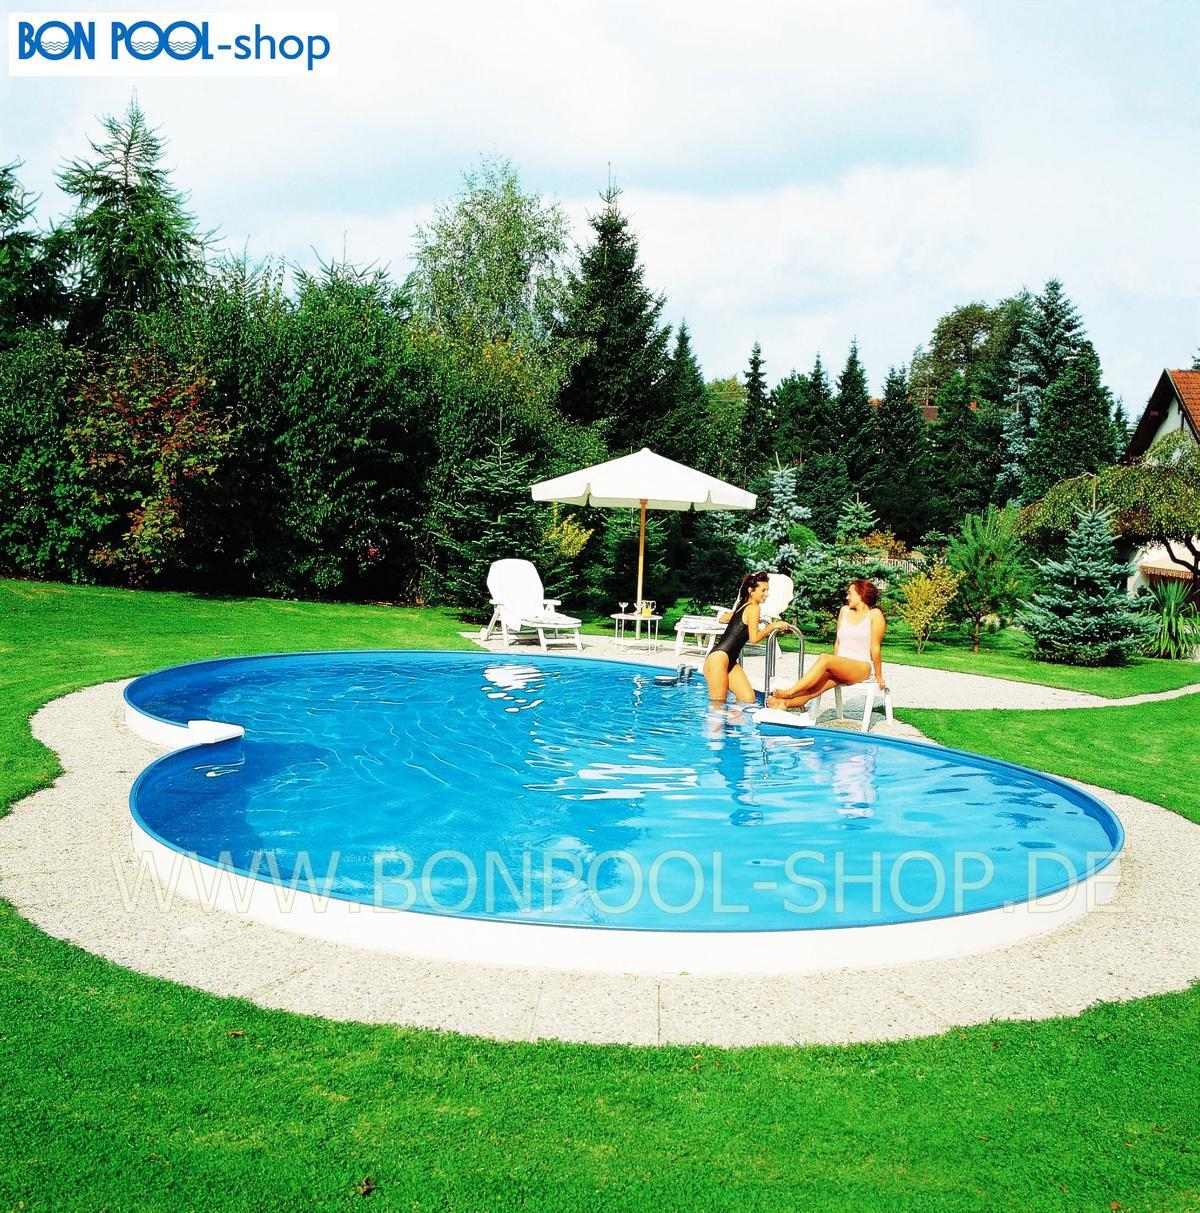 einbaupool set summer fun stahlwand pool set einbau und aufstellbecken summer fun pool set. Black Bedroom Furniture Sets. Home Design Ideas